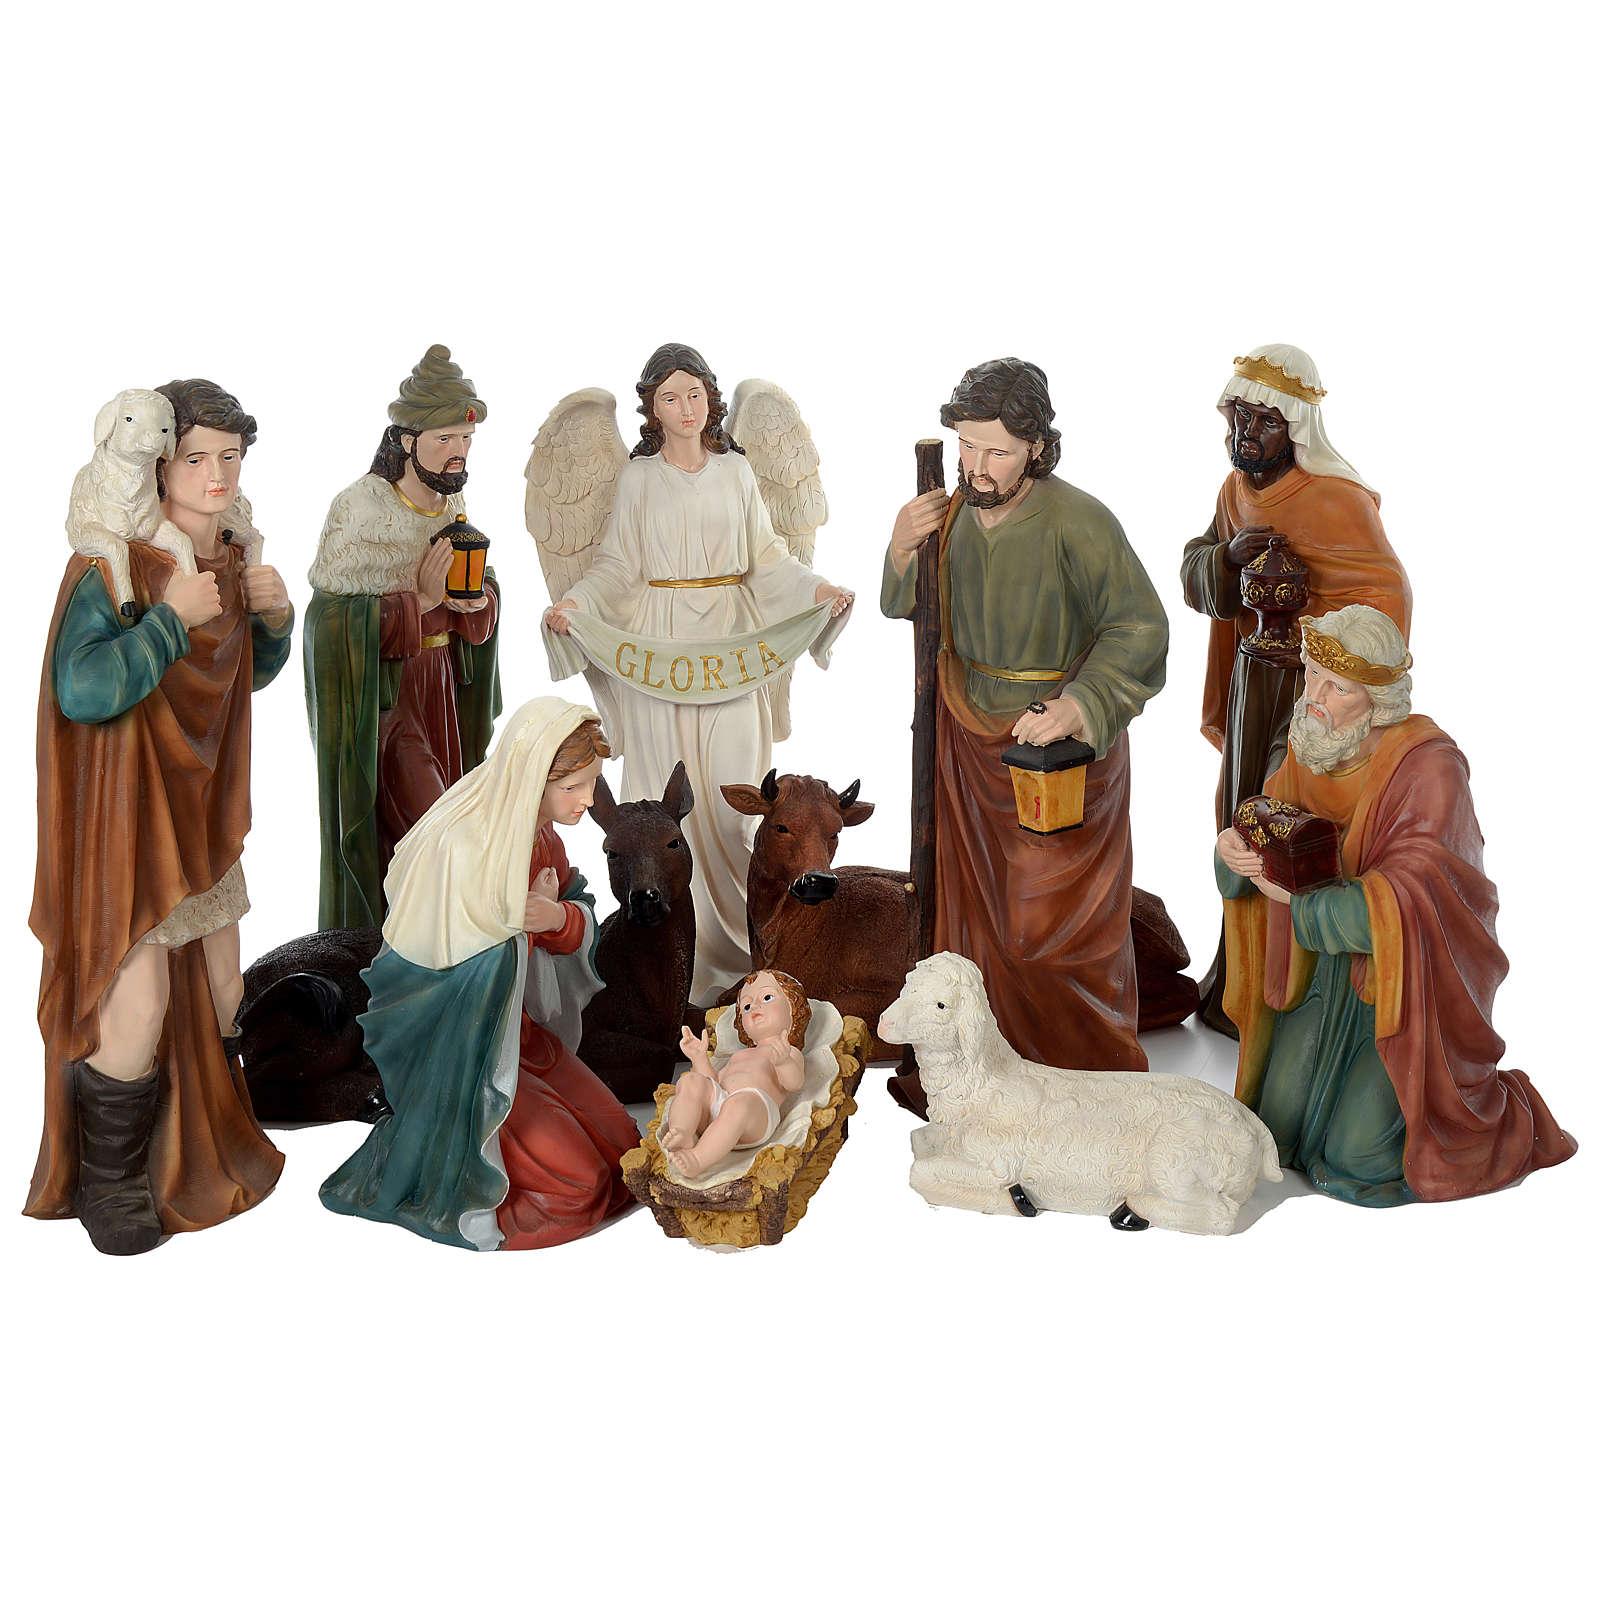 Presépio de Natal 11 Figuras Resina Pintada Altura Média 80 cm 4